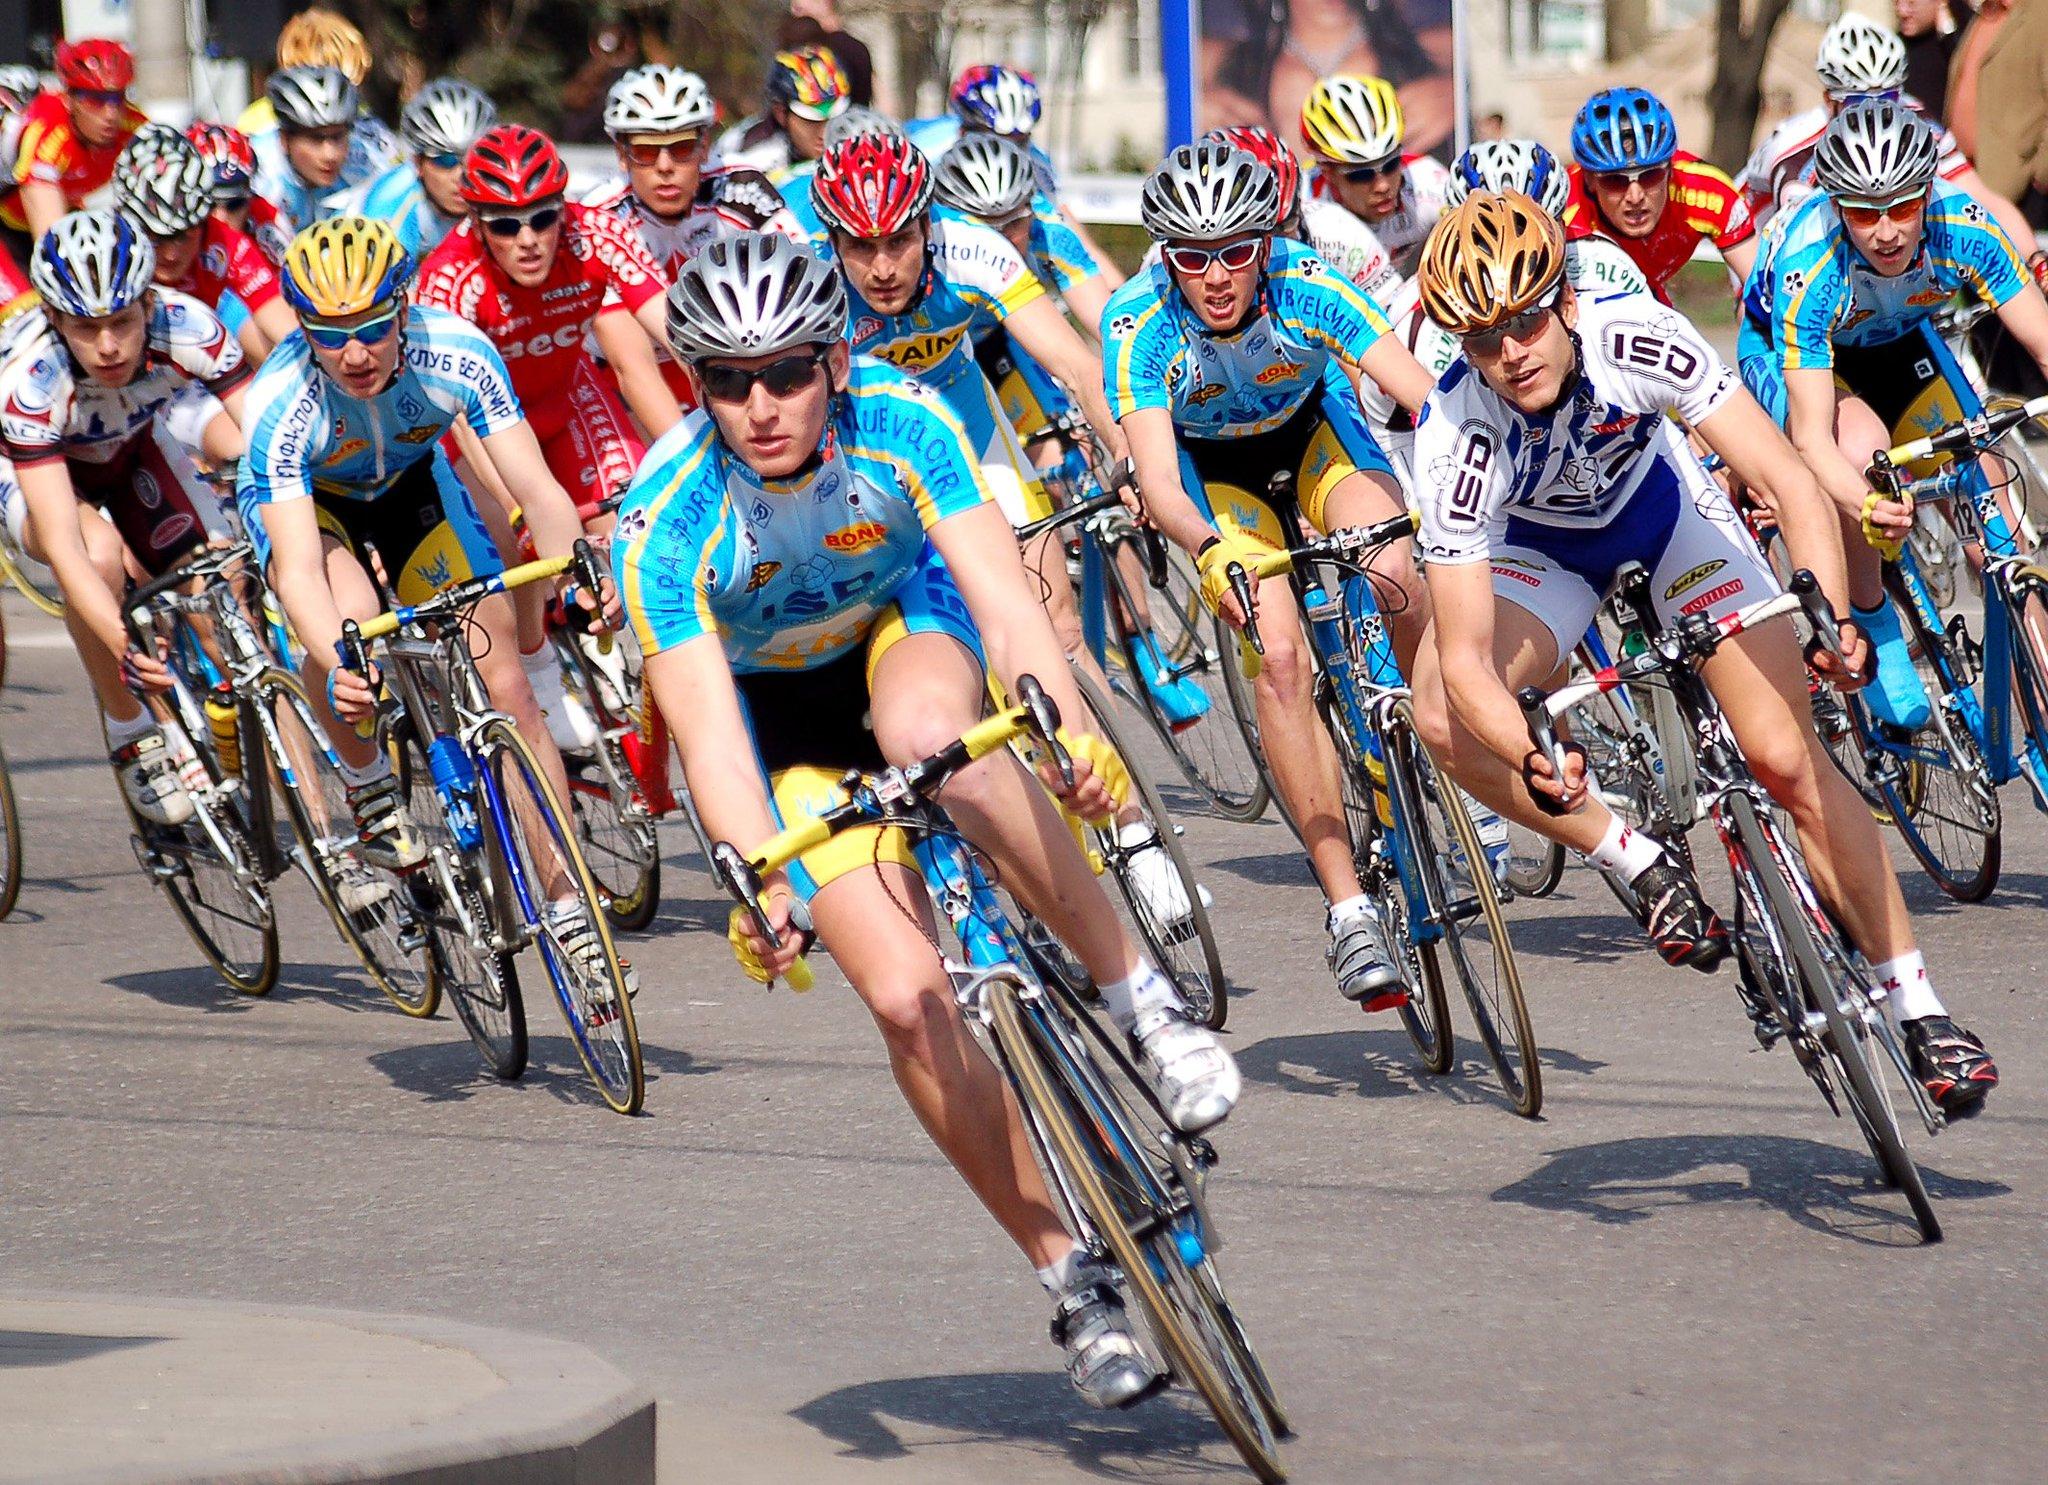 велосипедные гонки фото стремится показать